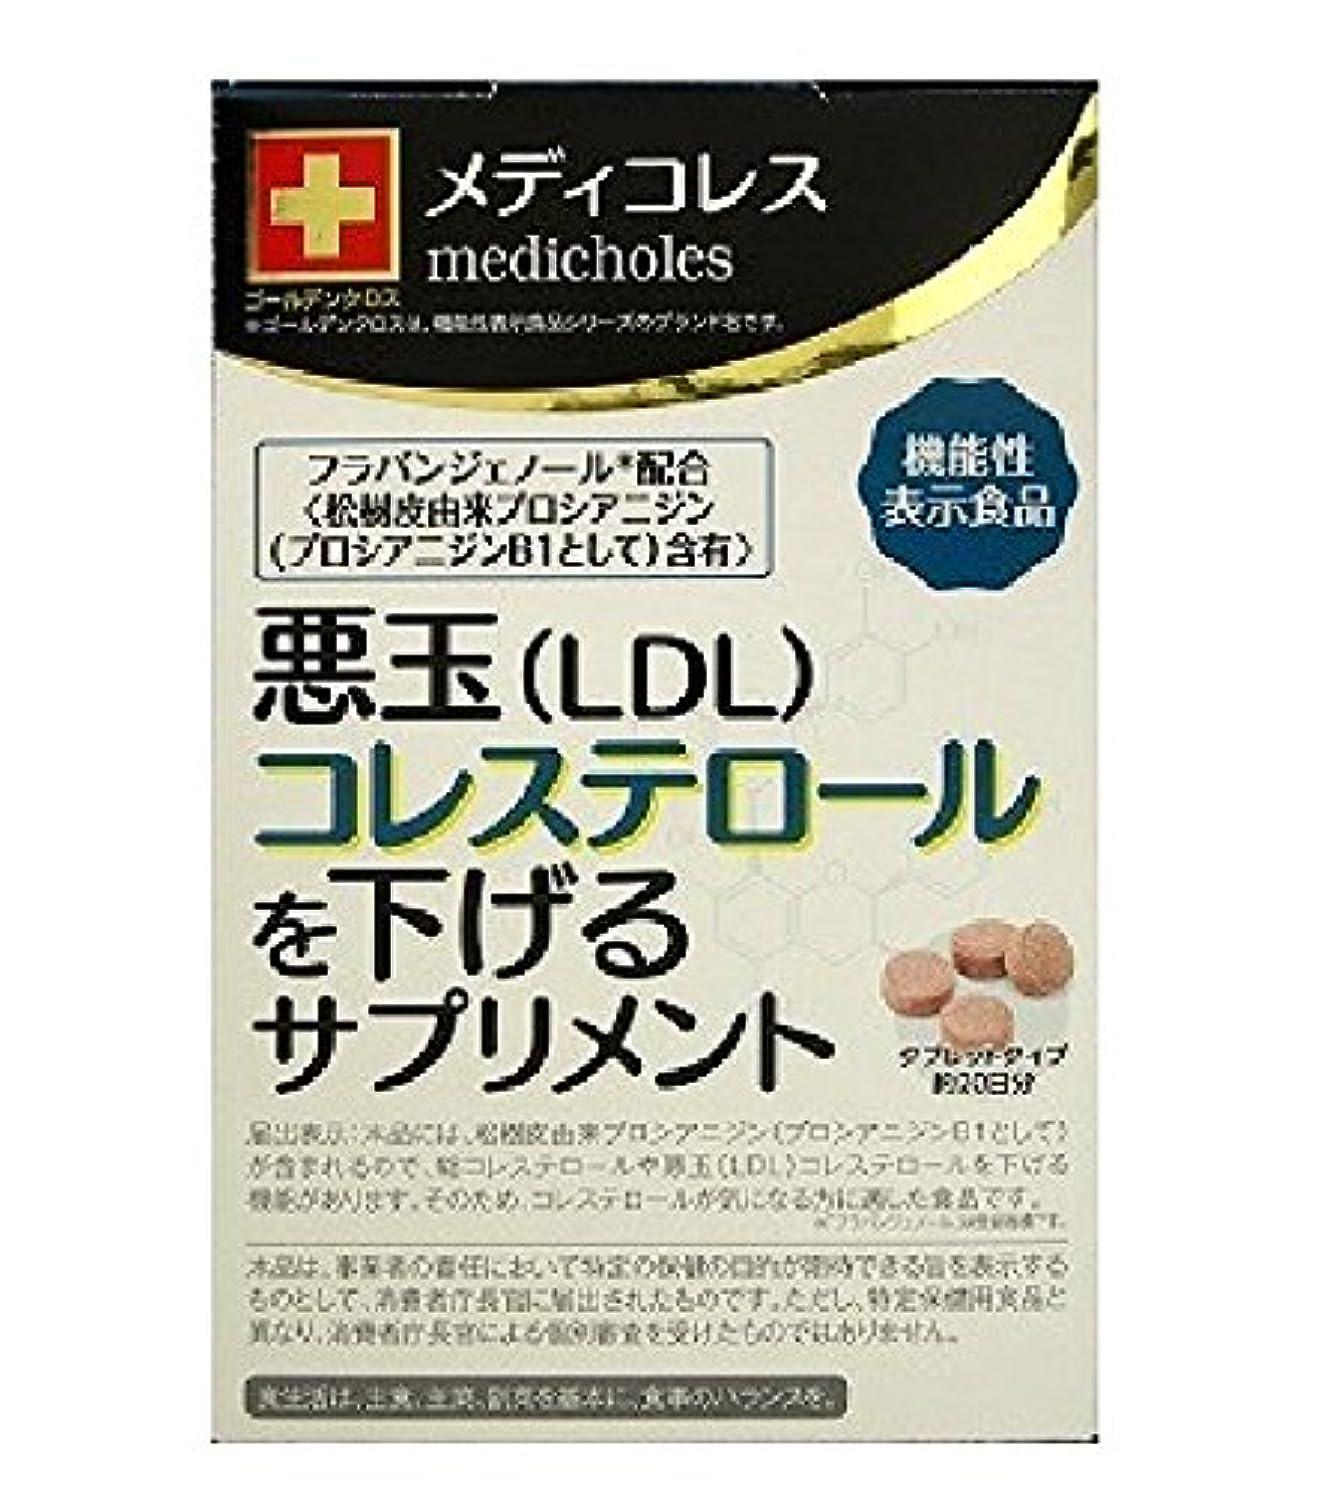 ステッチ減る大腿東洋新薬 メディコレス 250mgx80粒 [機能性表示食品]